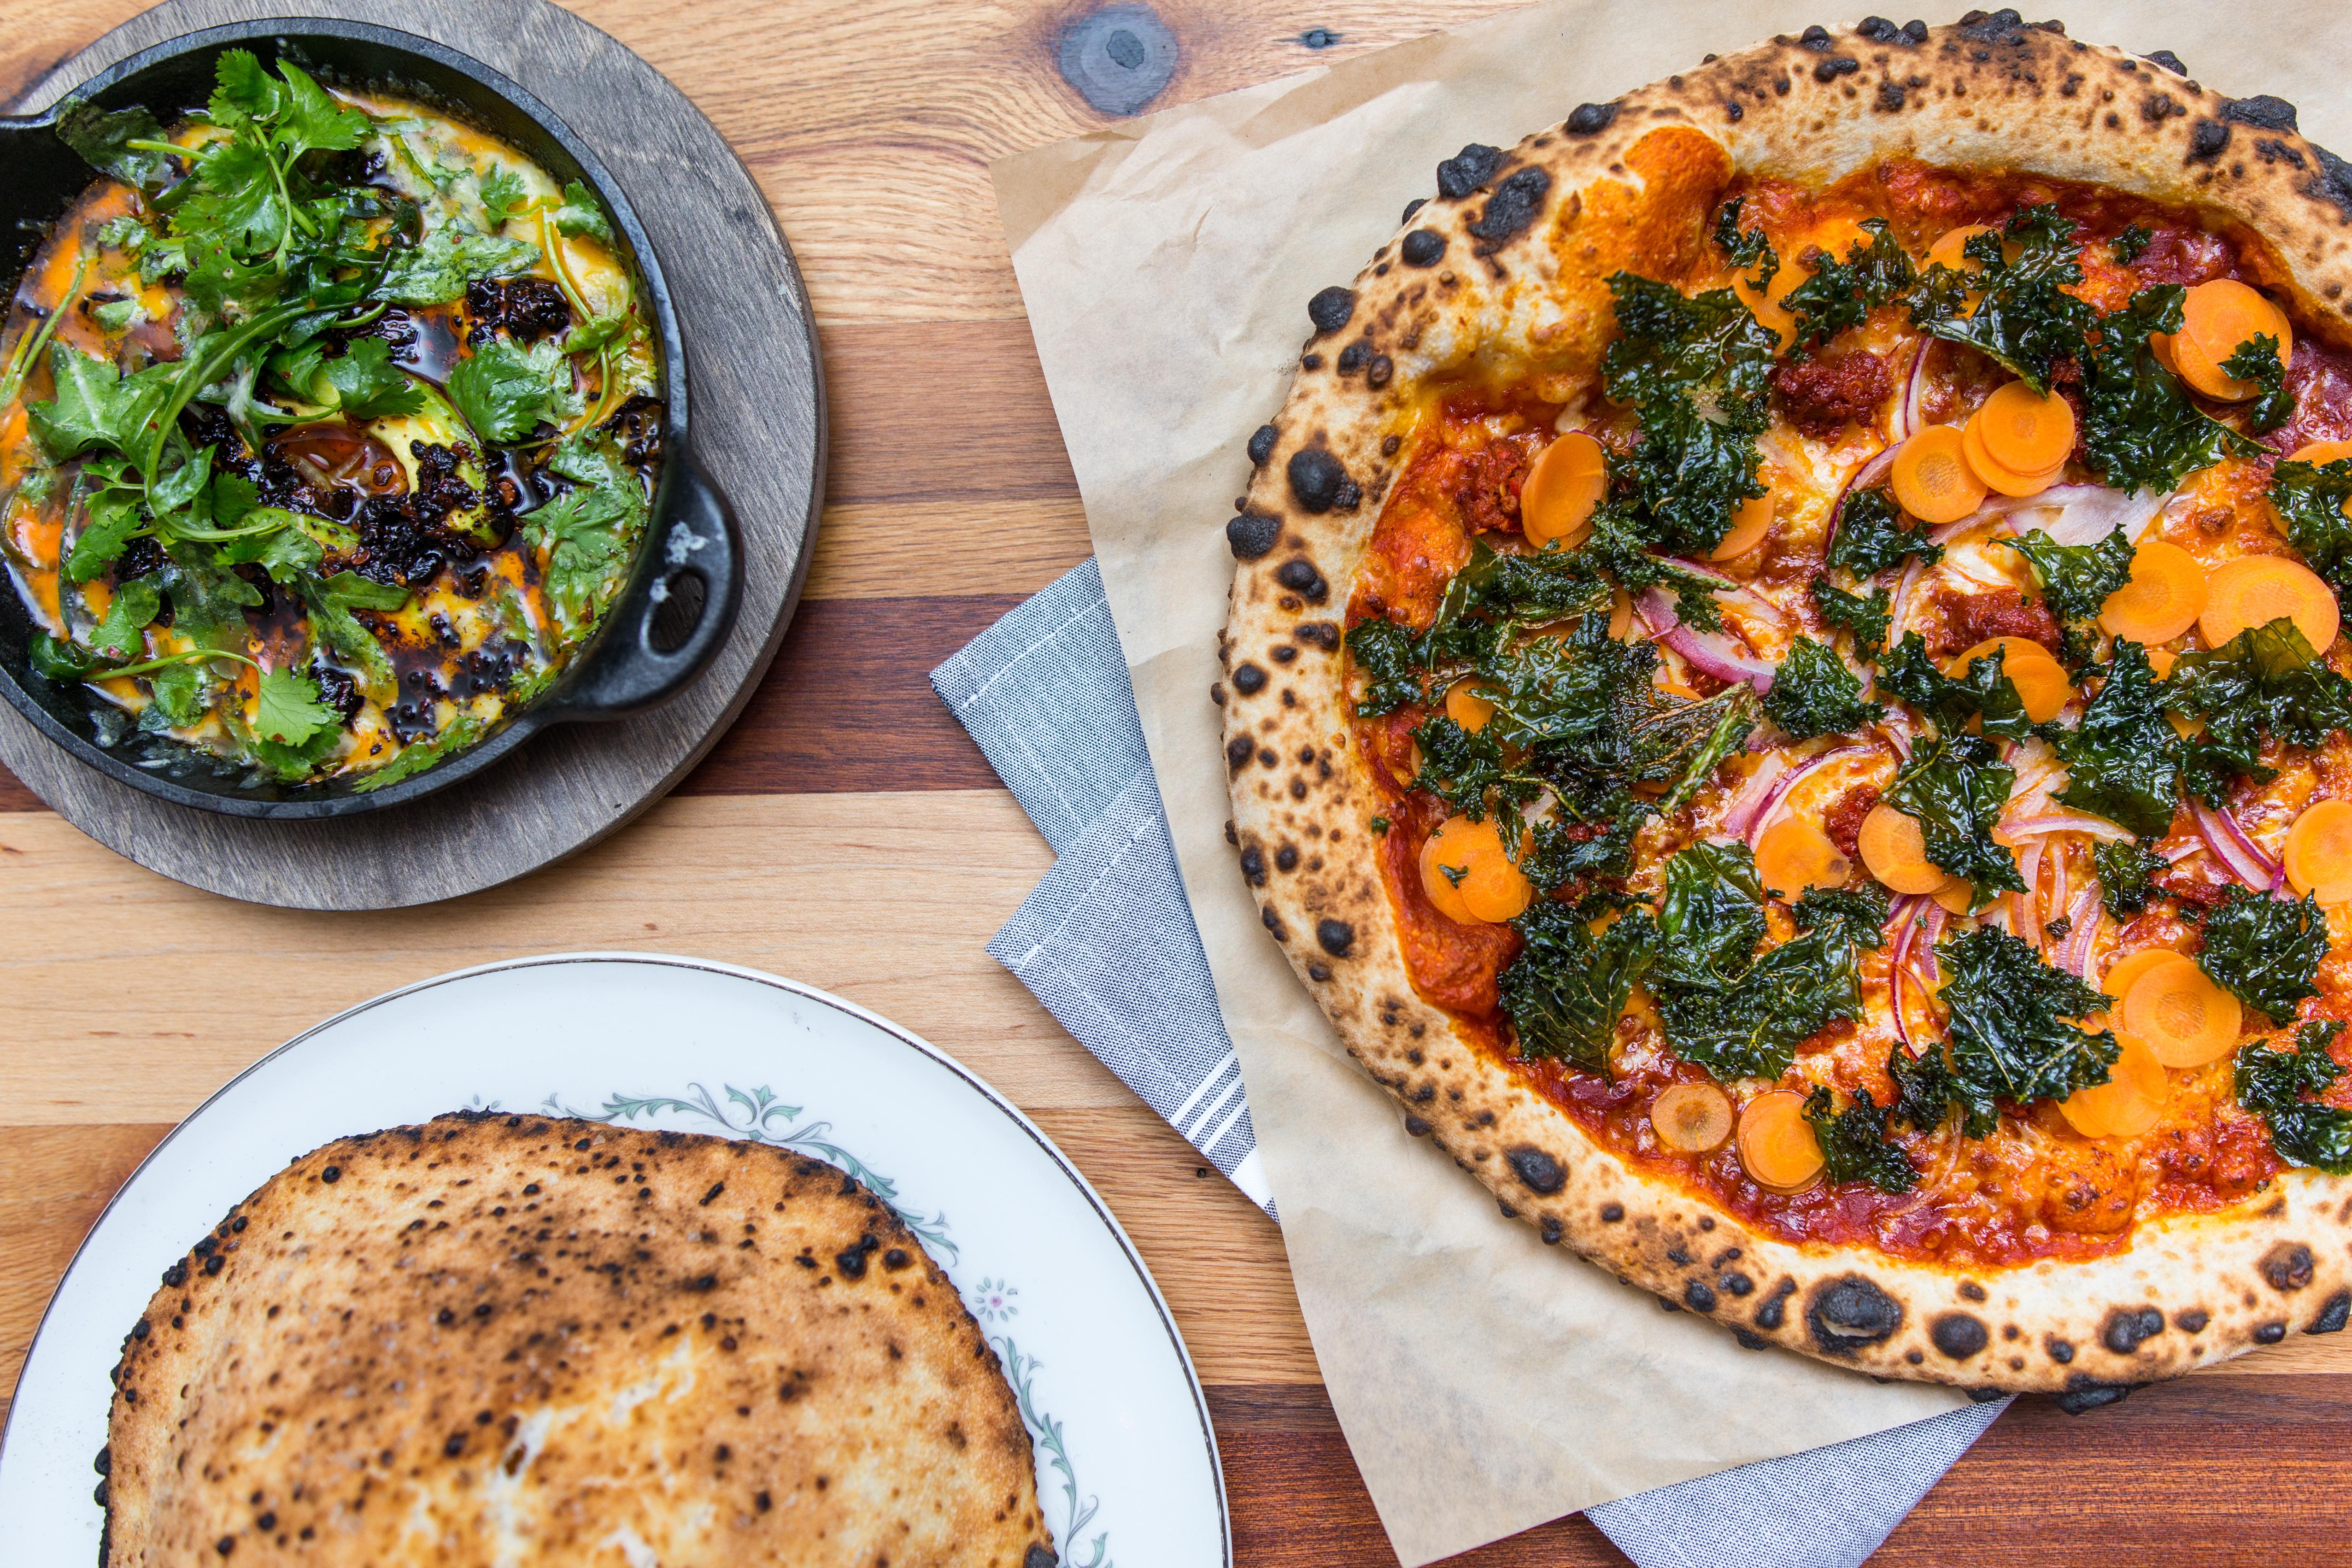 40 North and Suerte's queso fundido and La Buena pizza